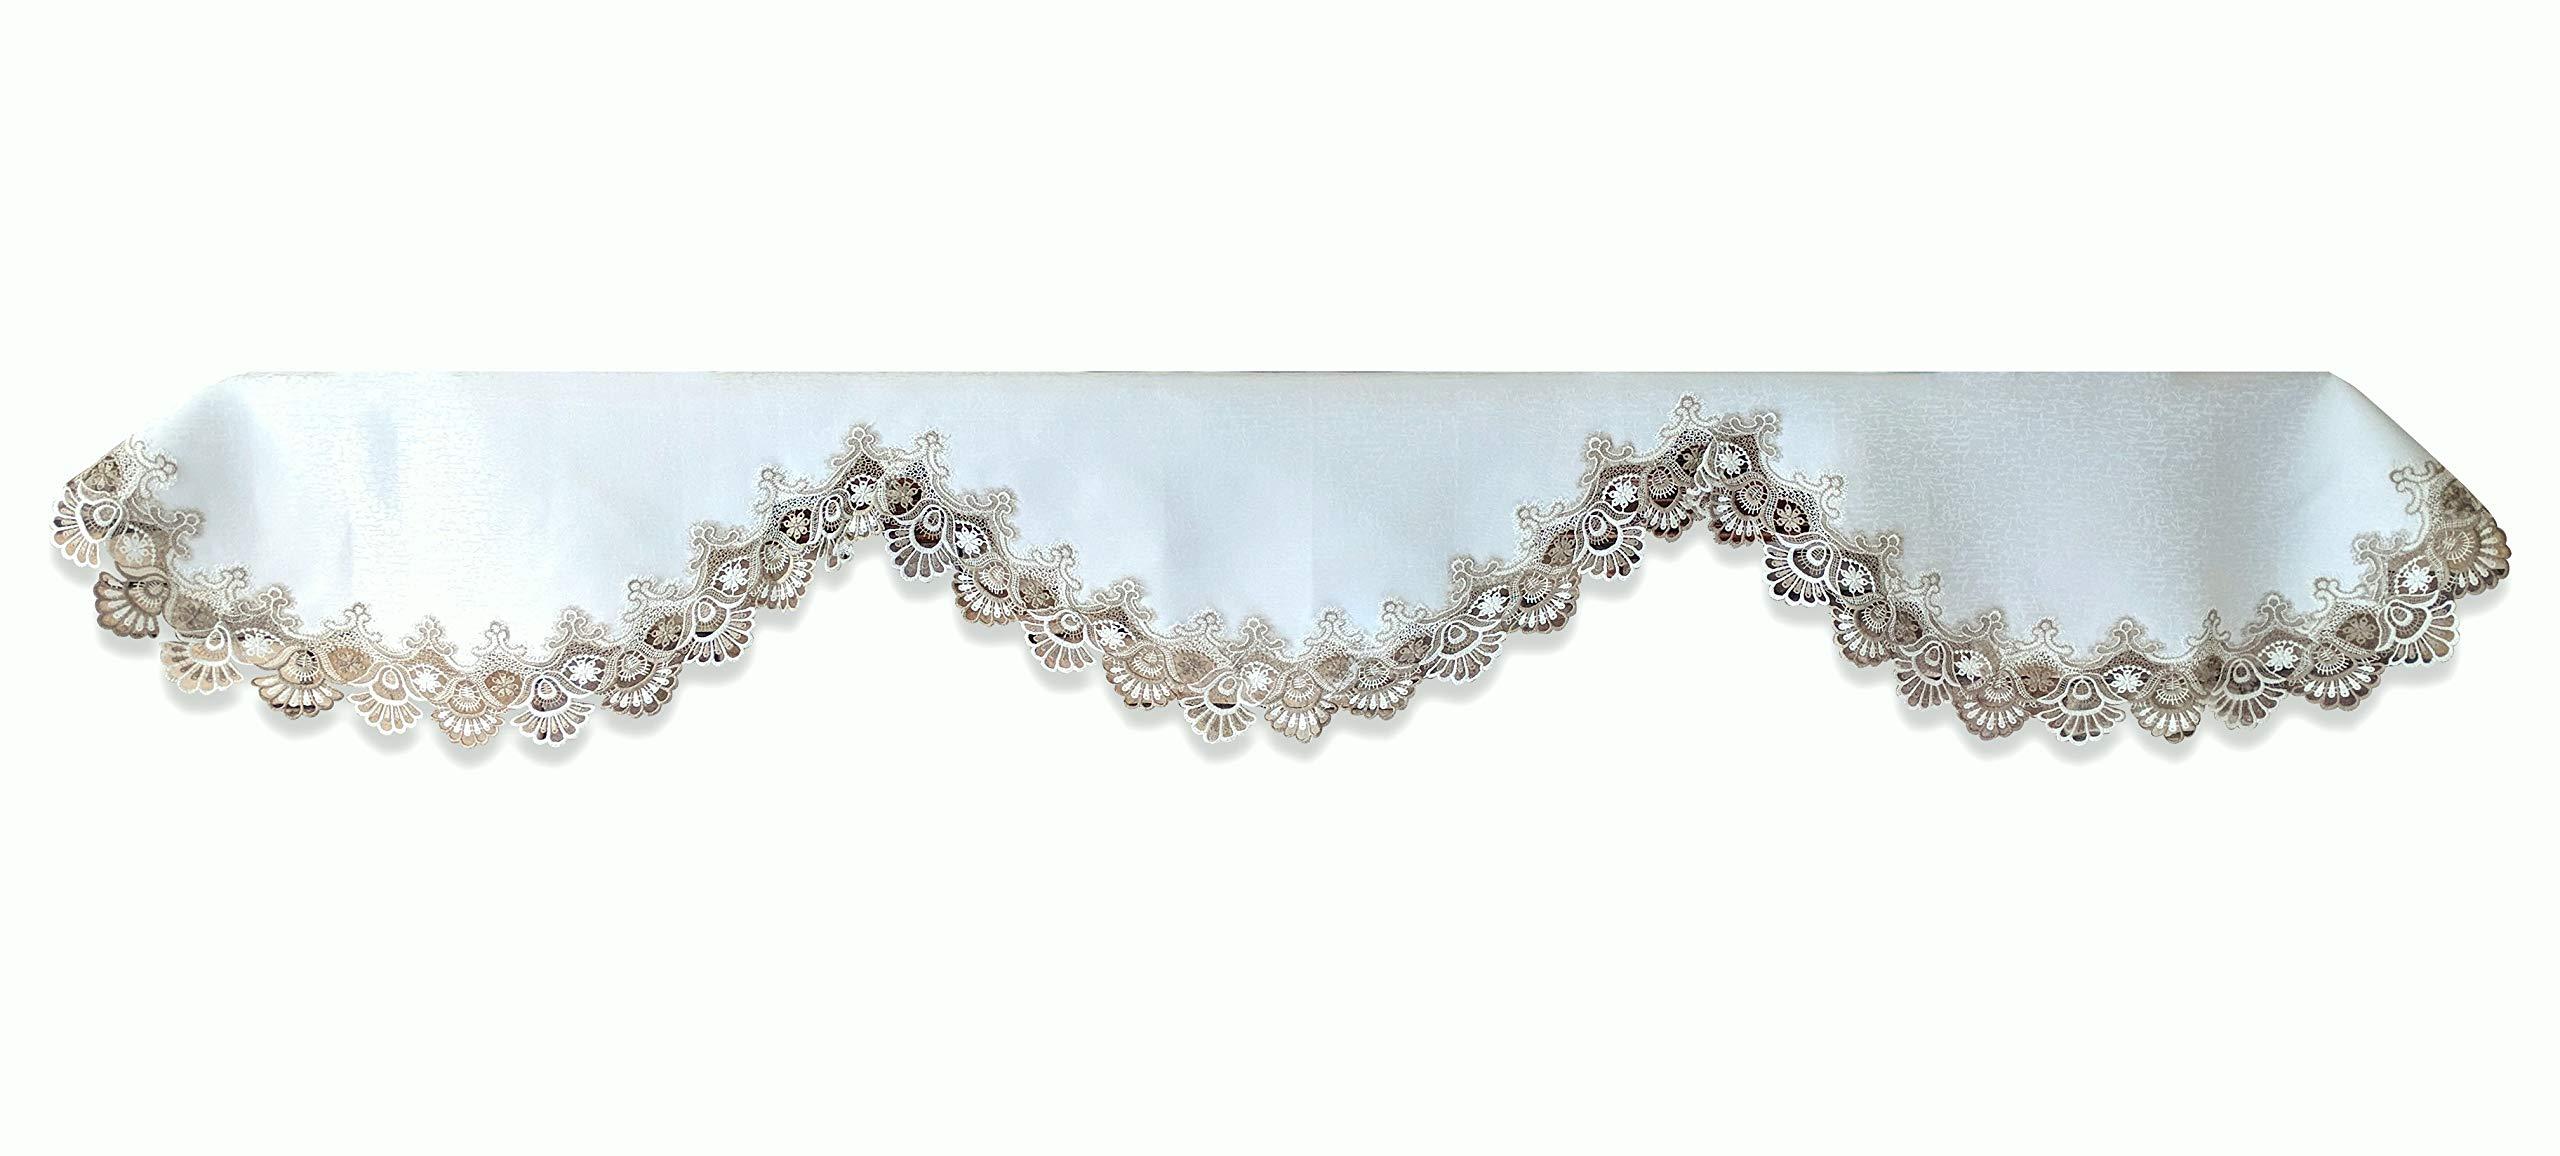 Galleria di Giovanni Mantel Shelf Scarf Taupe Lace Antique White 90 Inch Earth Tones Mantle Doily by Galleria di Giovanni